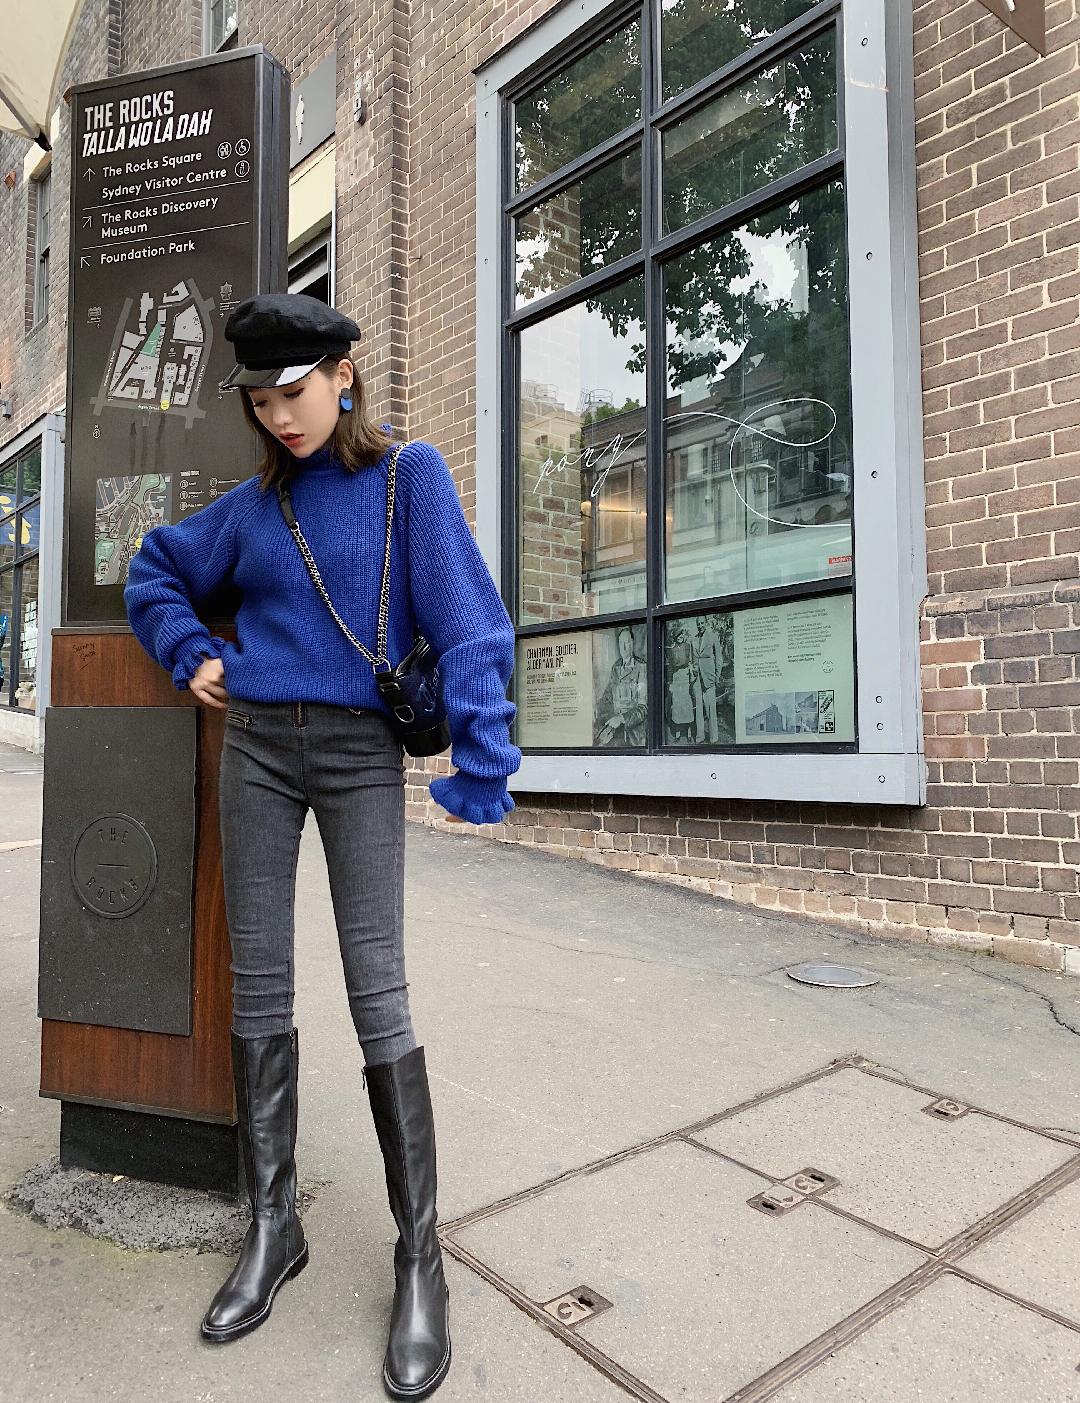 显瘦烟灰牛仔裤👖| 经典版型利落有型 #19年长一岁,试试轻熟风怎样# 🎆简单介绍:子晴身高168cm 体重50kg这款穿m码  👻Look:等夏天等秋天,等一件显高显瘦显腿长裤型服帖的牛仔裤👖 要知道选对版型,腿长一米八不是梦💪 这次给你们退件这件好穿到天天都想穿的显瘦高腰裤😻 配件简约的毛衣或衬衫,时髦感溢出屏 将衣摆扎进腰间时,更能凸显出纤细的A4腰视觉👀 而且简约的裁剪更显身材高挑 随意的搭配小白鞋👟or球鞋整体造型知性大方又气质💃🏻 让你的衣品瞬间提升一个级别☑️